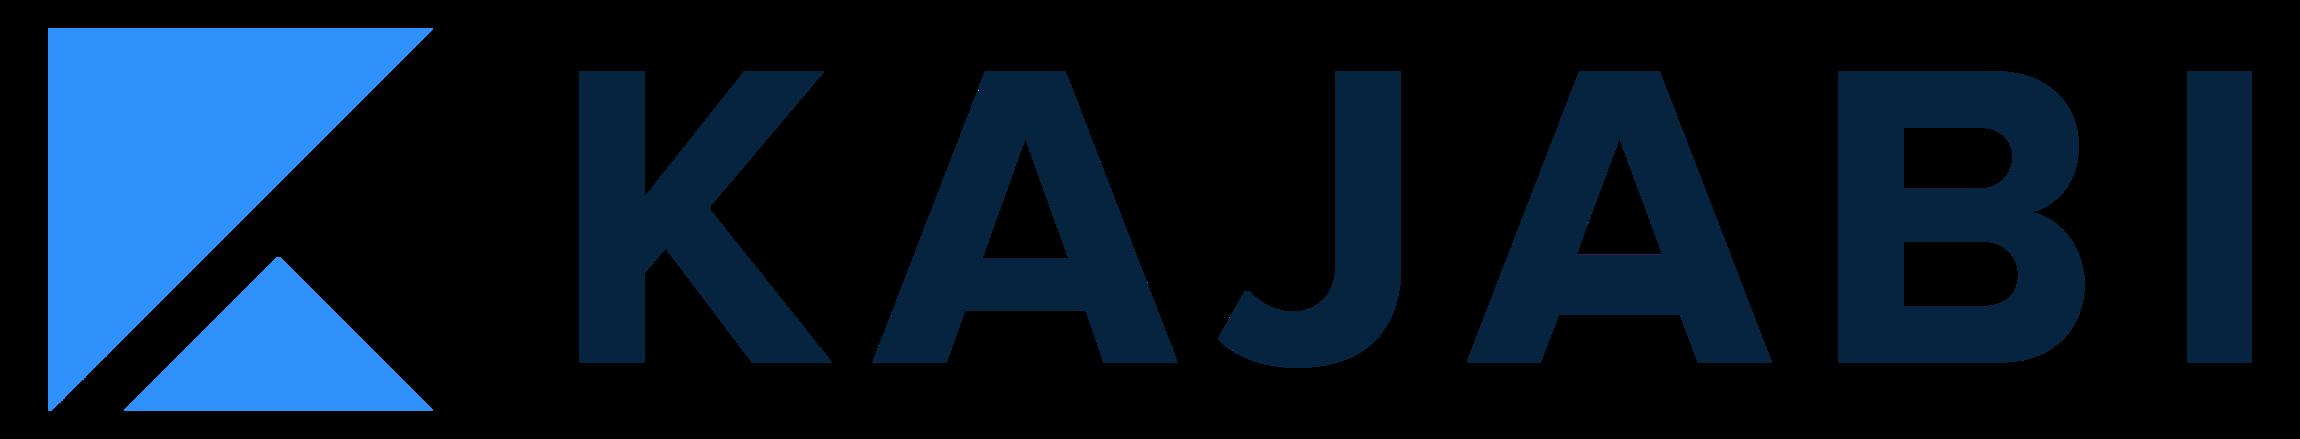 Kajabi.com